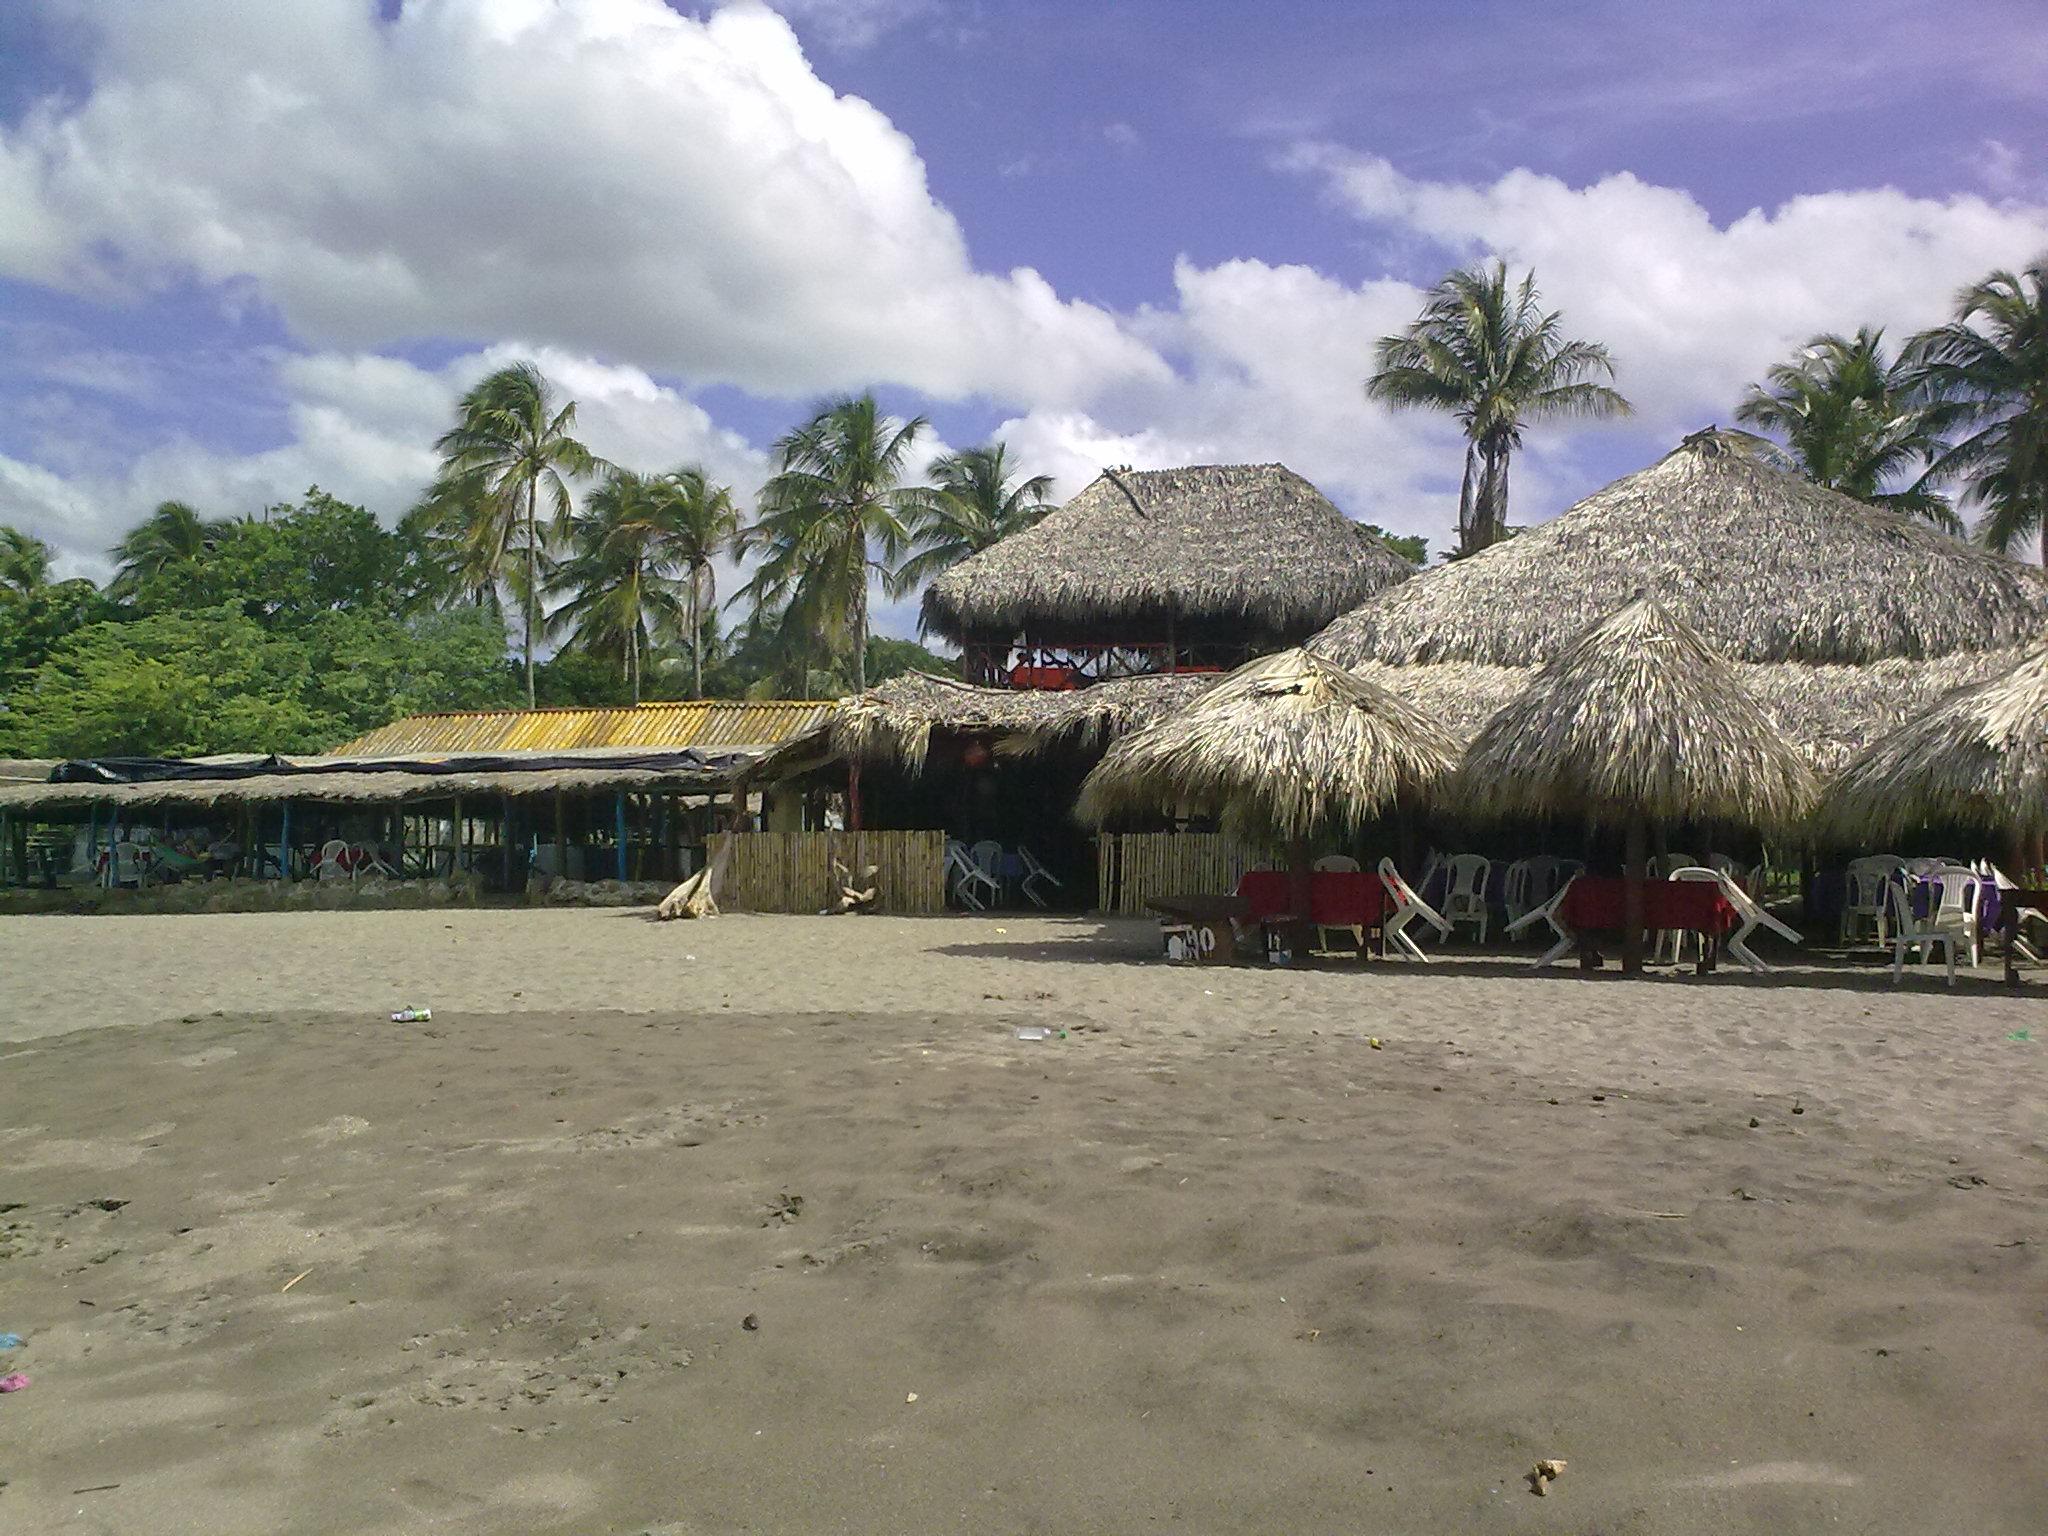 Balneario La Boquita Nicaragua, Todos los derechos reservados de fotografía.